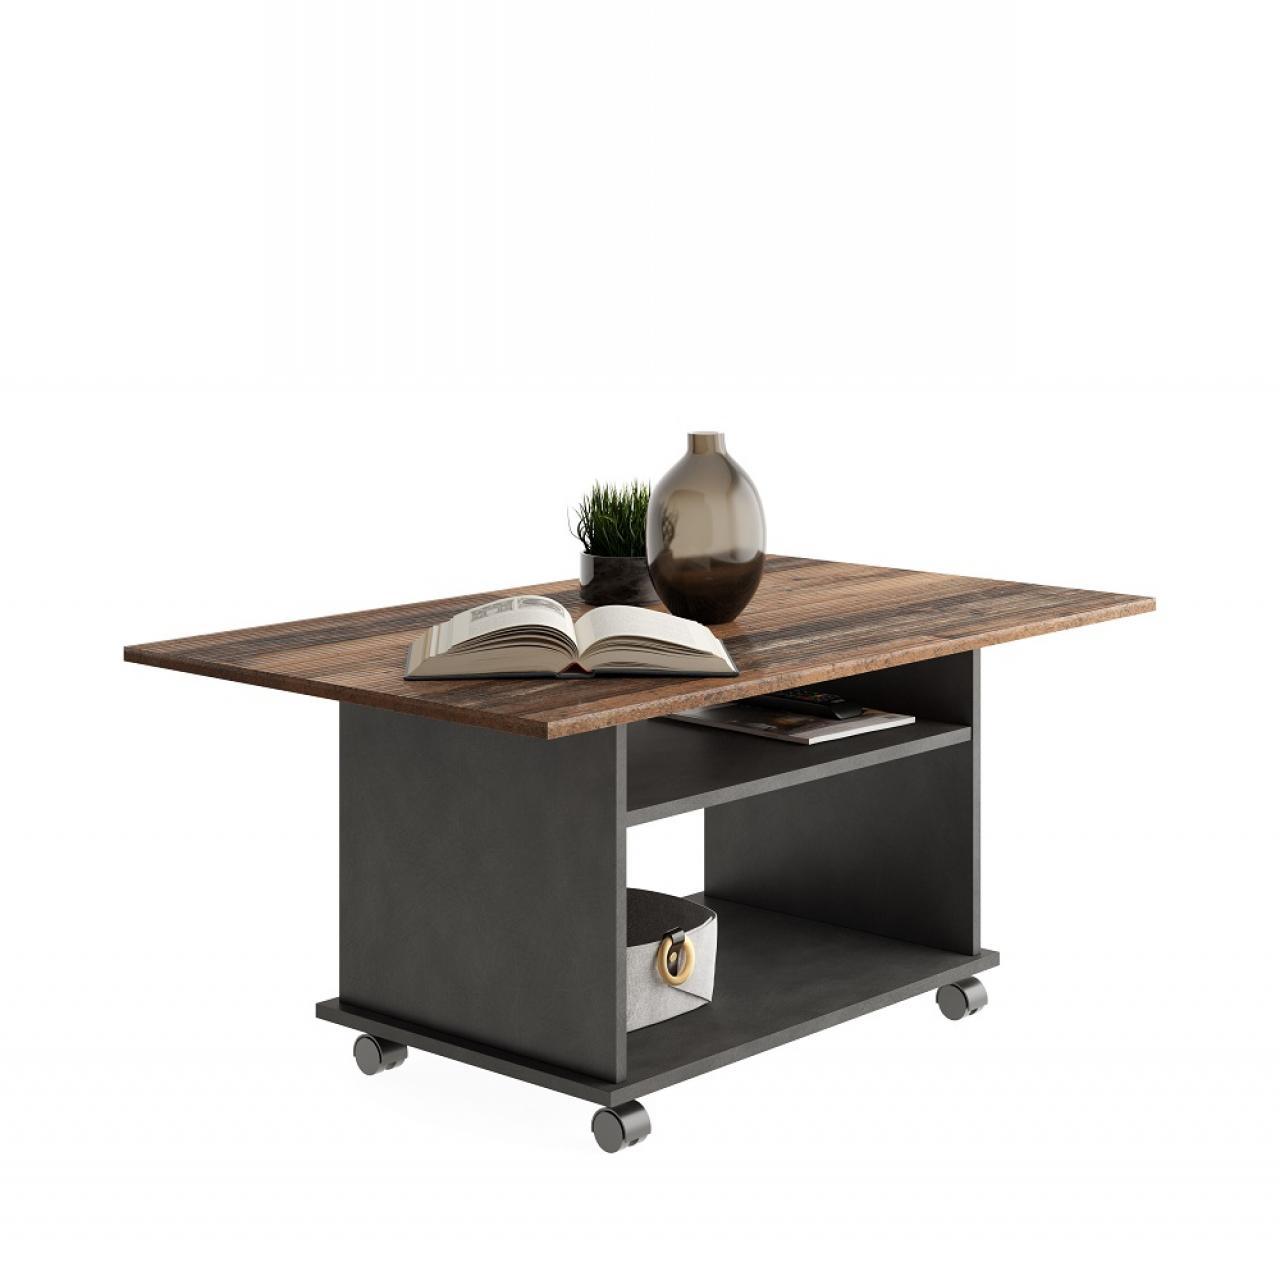 Couchtisch Azur 662-001 Matera Old Style Dunkel Mit Rollen Stubentisch Tisch Beistelltisch